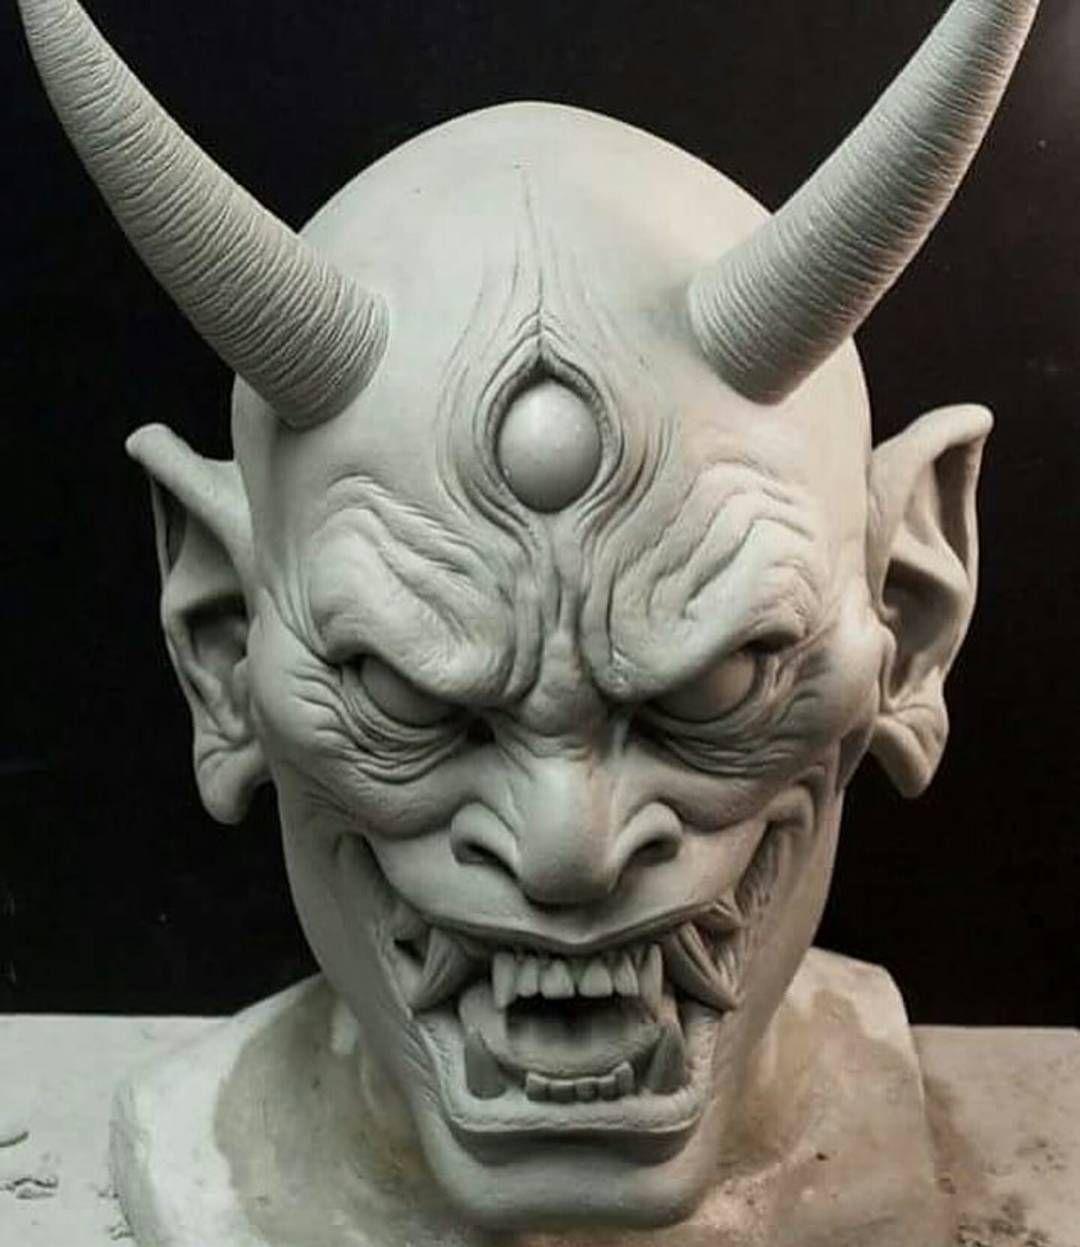 badass japanese hannya demon mask sculpted by artist